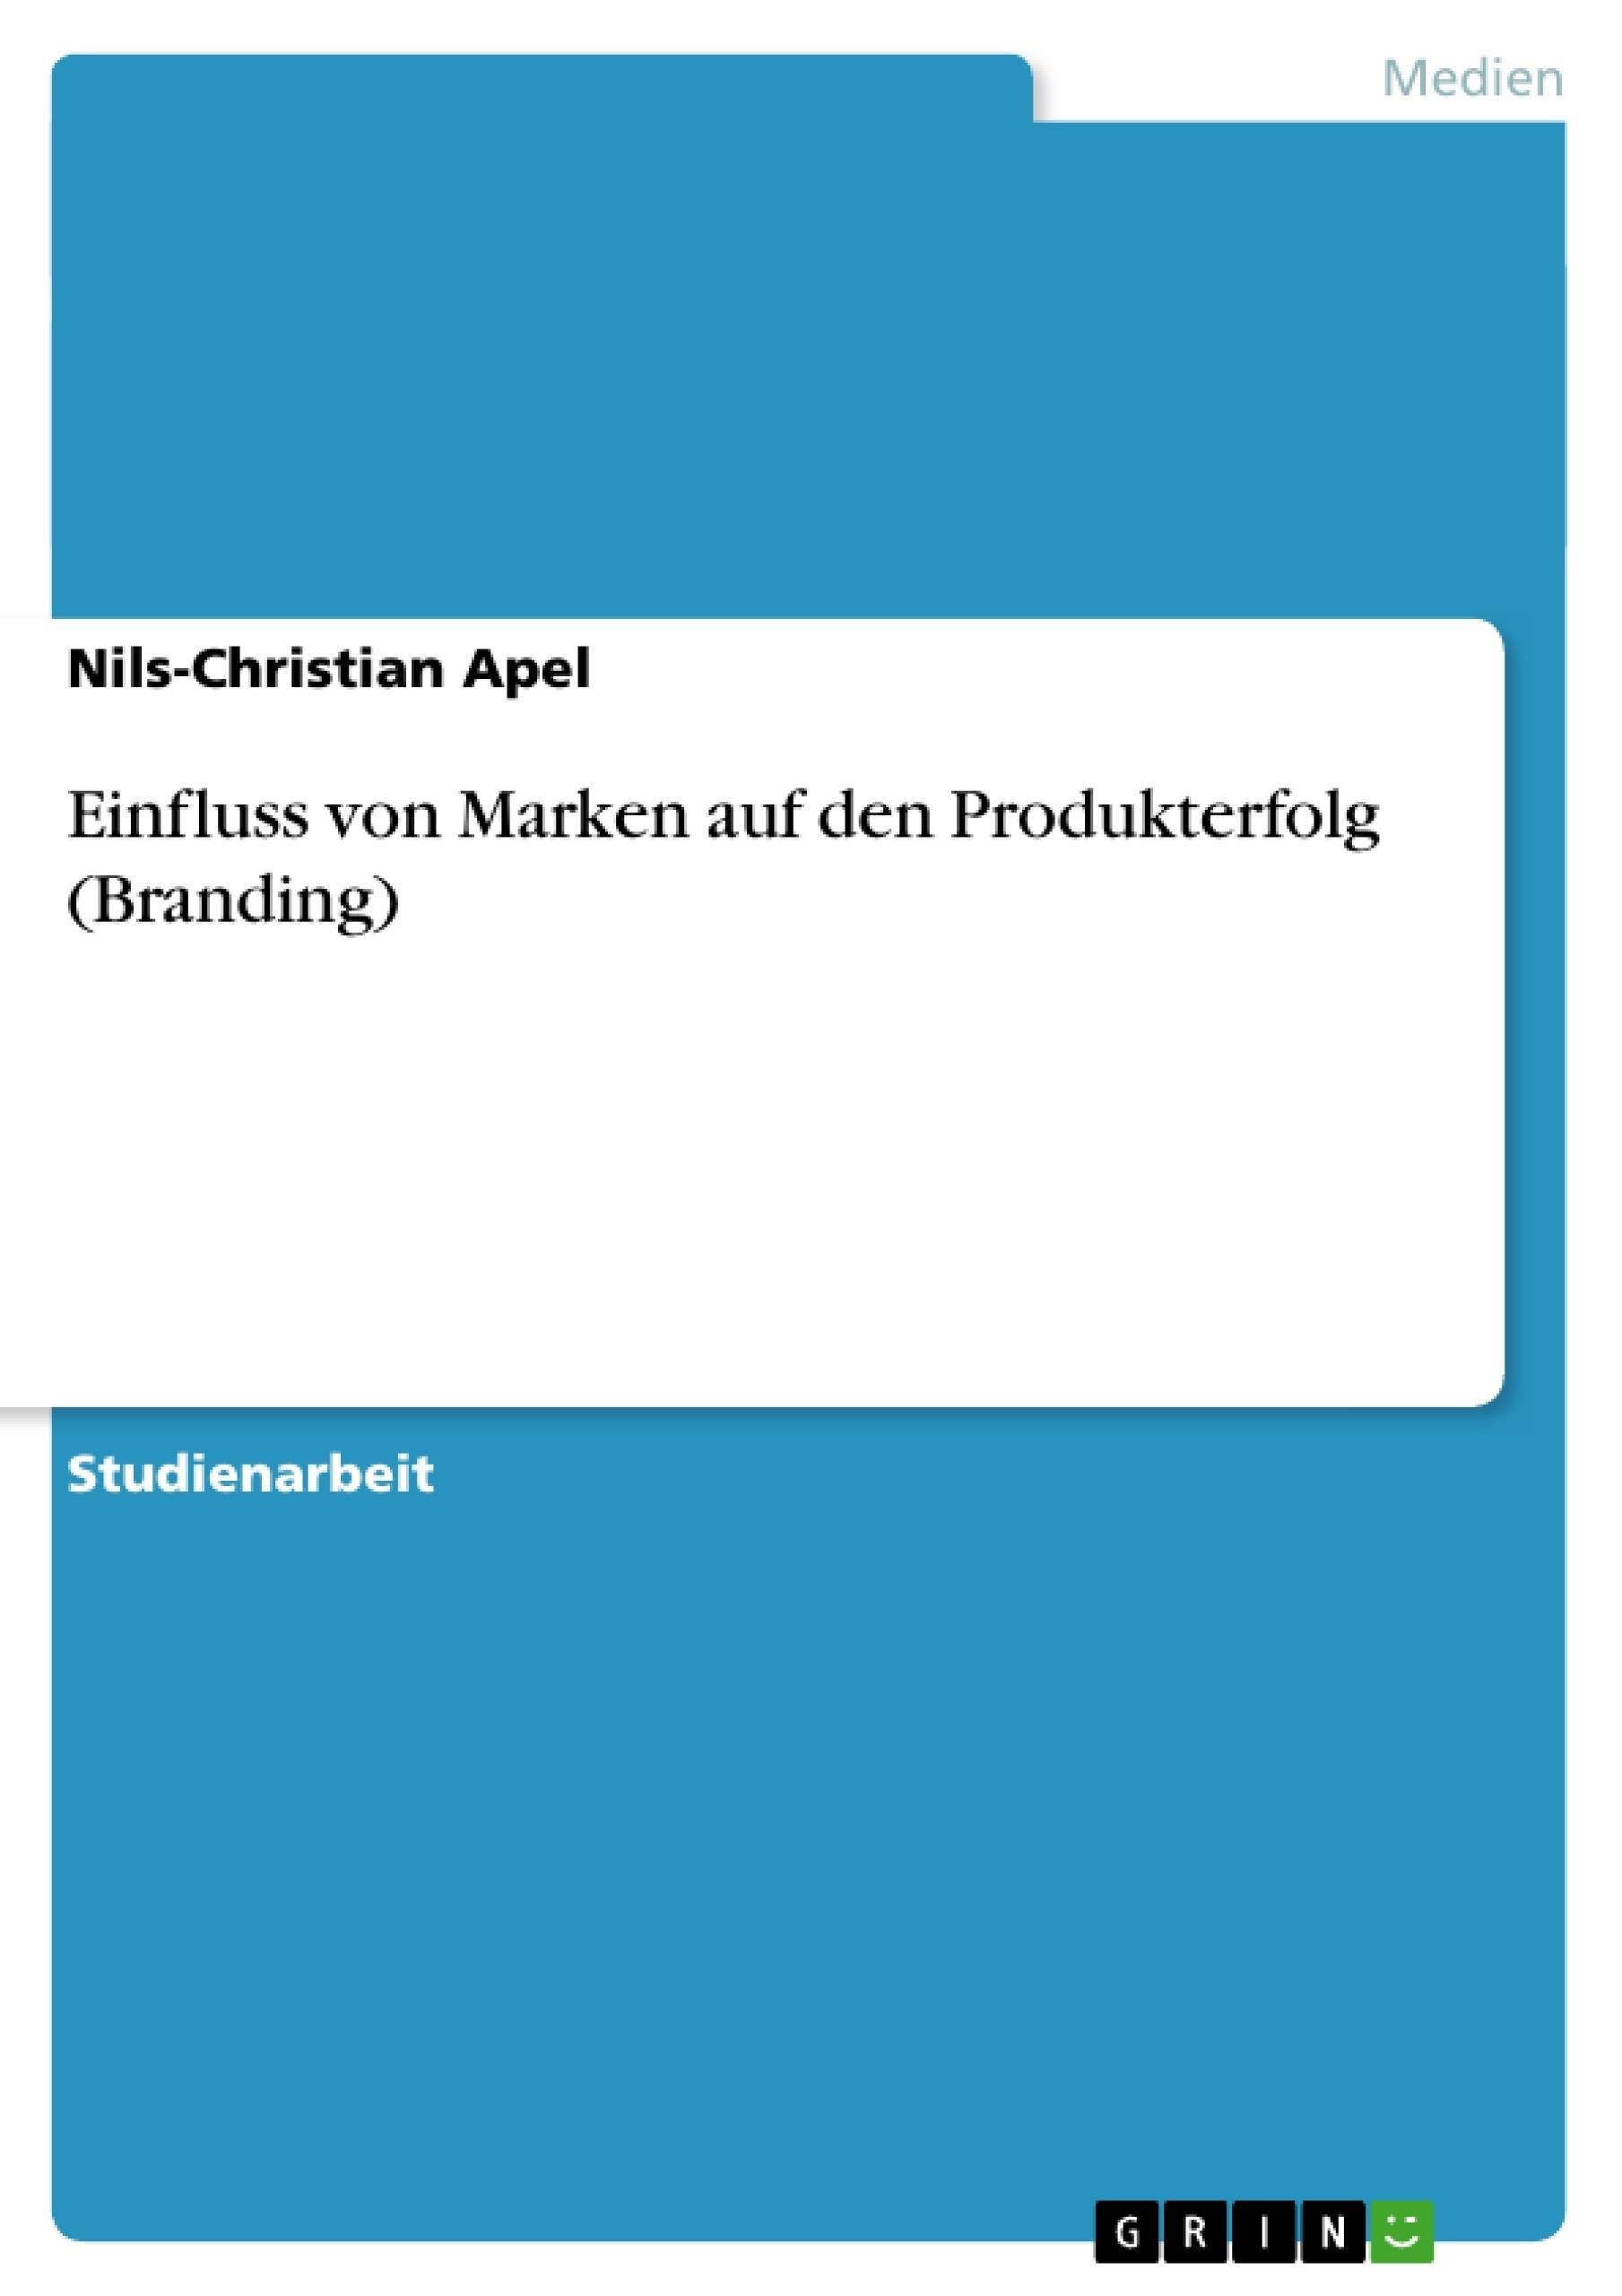 Titel: Einfluss von Marken auf den Produkterfolg (Branding)